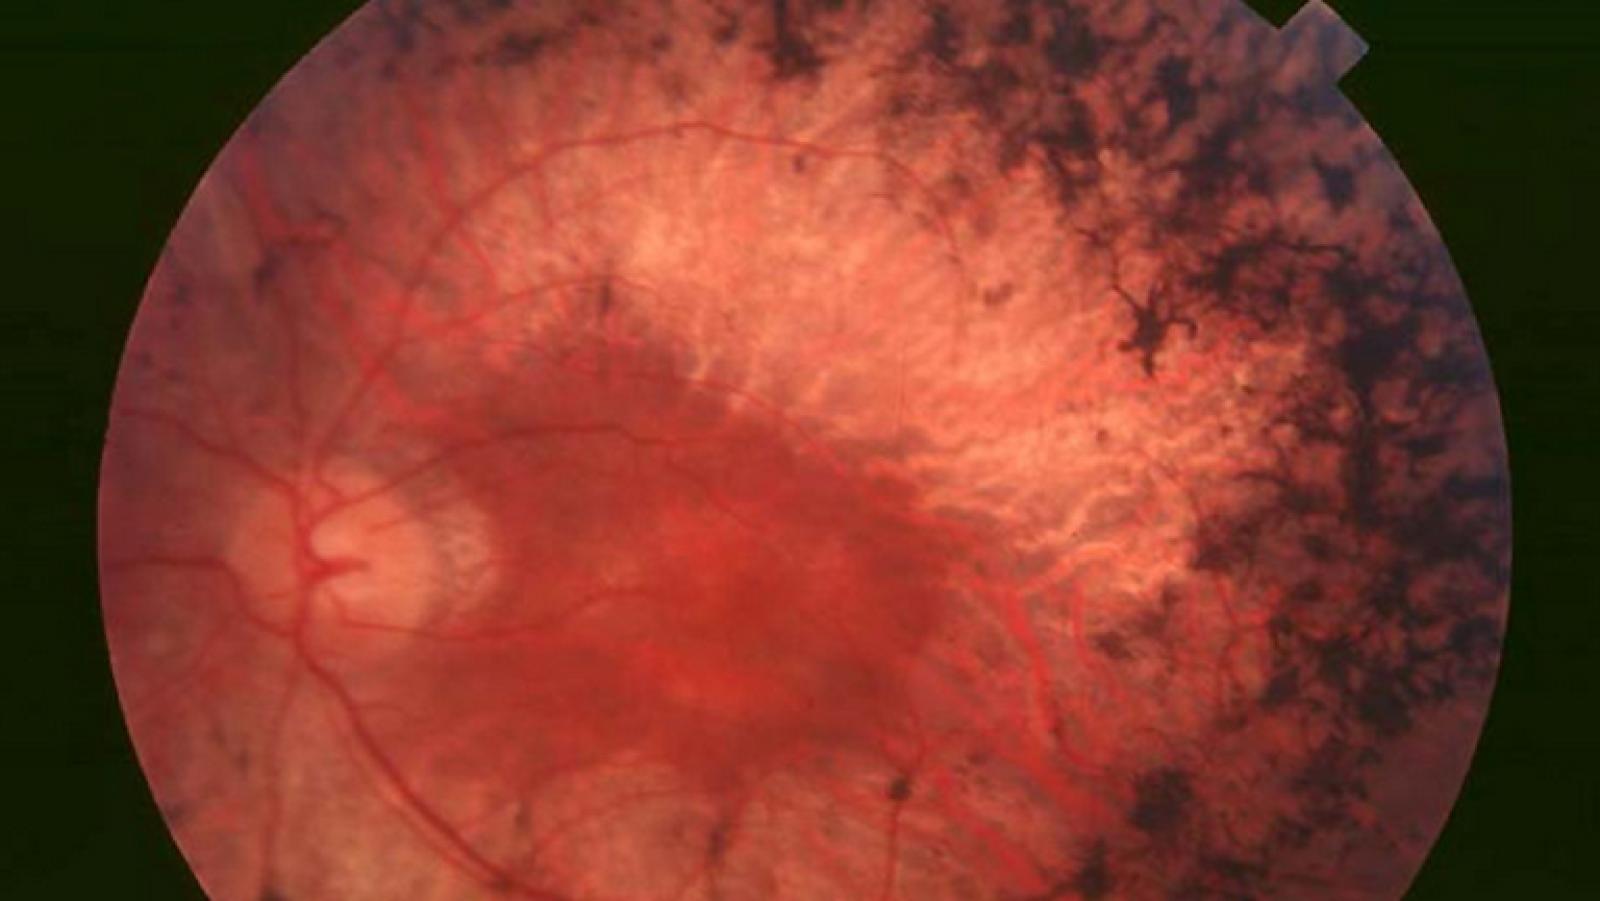 A hombros de gigantes - La retinosis pigmentaria, una enfermedad hereditaria que puede producir ceguera - 01/12/14 - Escuchar ahora